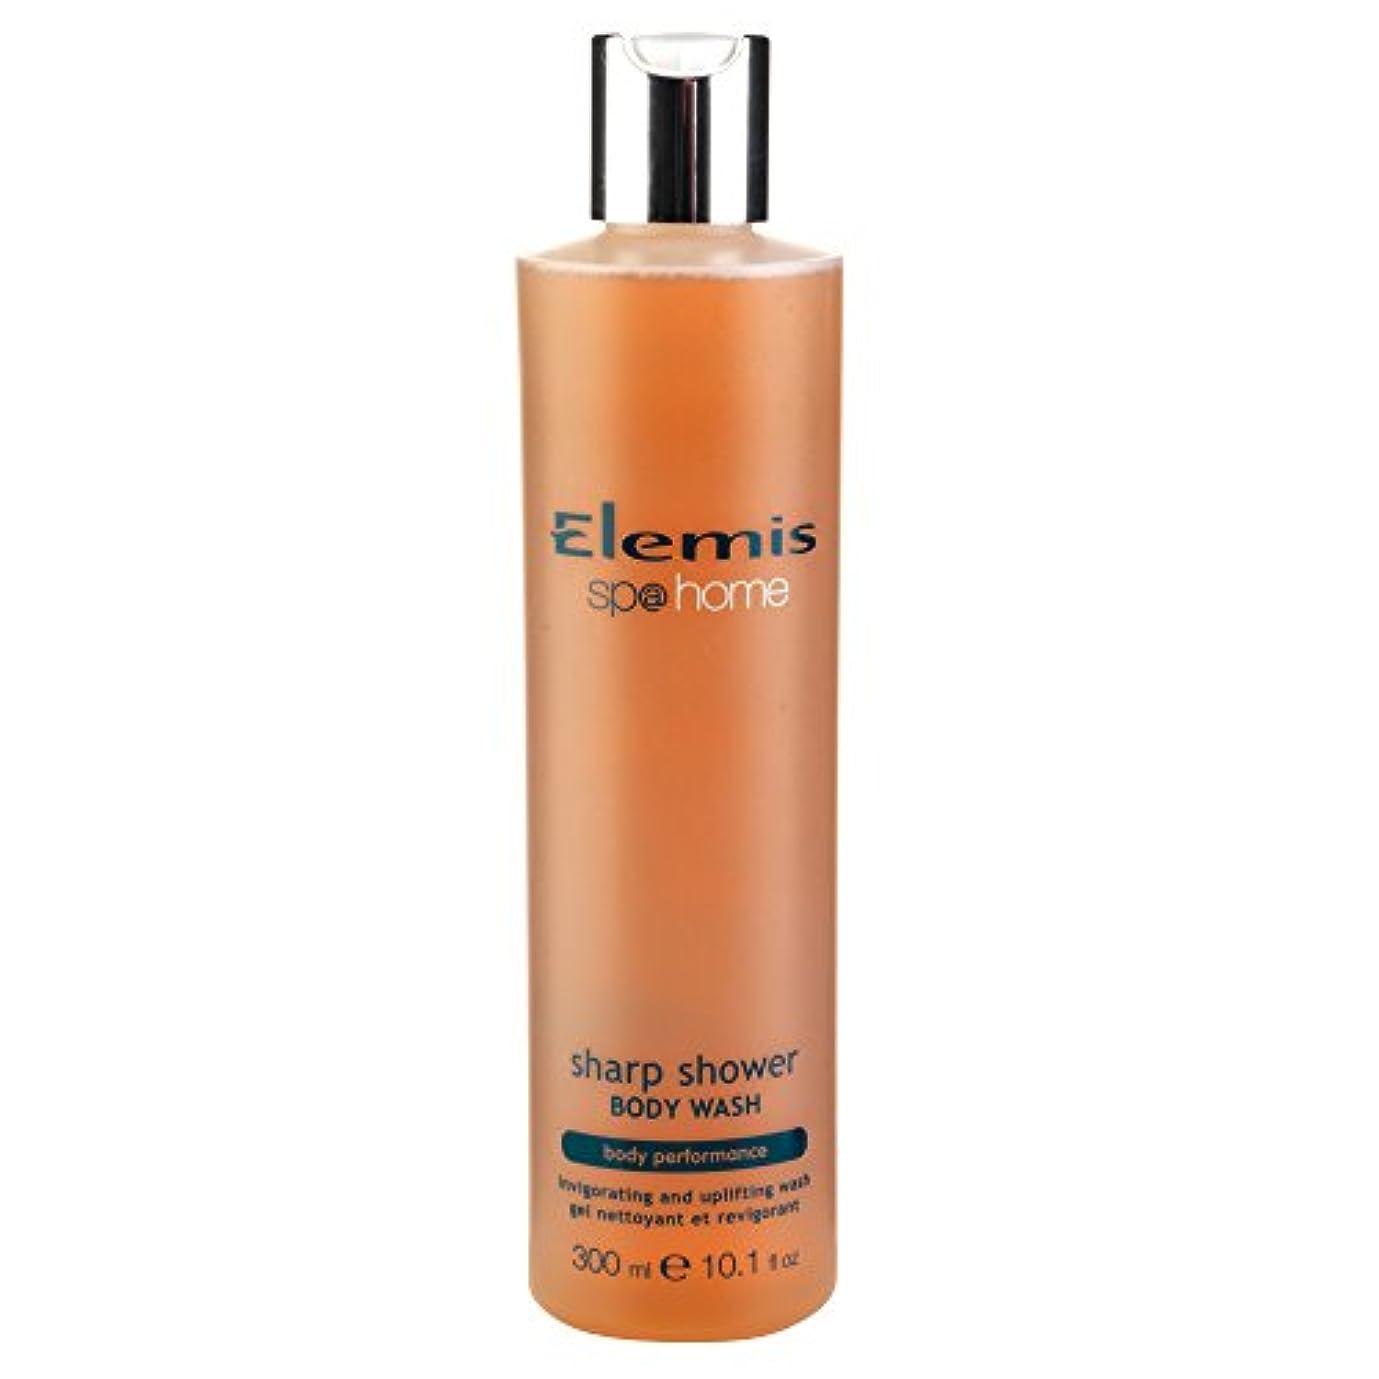 投げ捨てる八百屋原油エレミスシャープシャワーボディウォッシュ300ミリリットル (Elemis) (x2) - Elemis Sharp Shower Body Wash 300ml (Pack of 2) [並行輸入品]